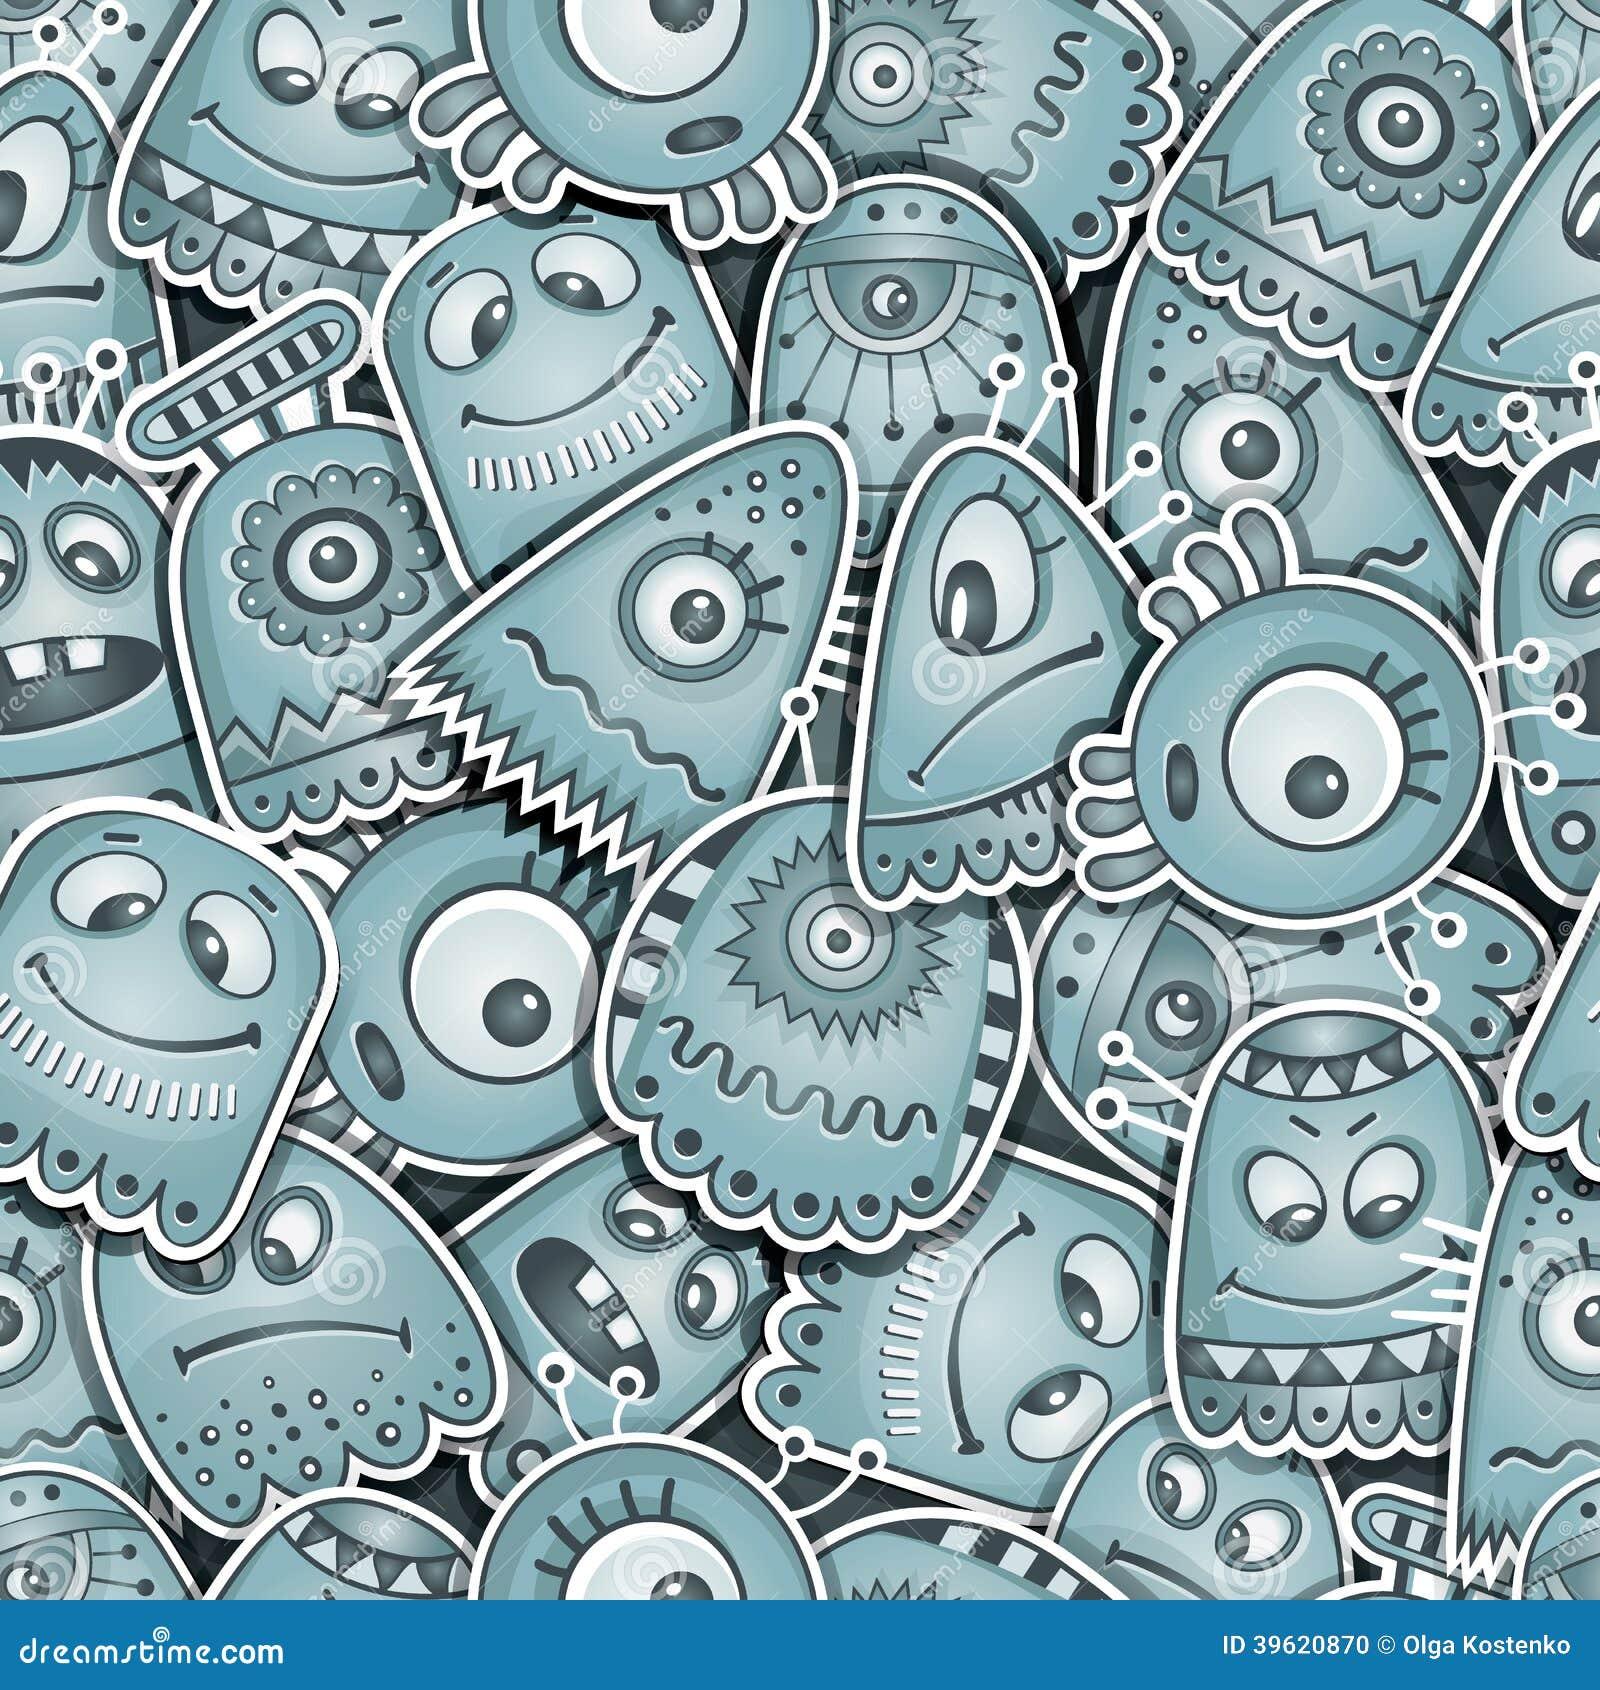 Vreemdeling en monsters naadloos patroon